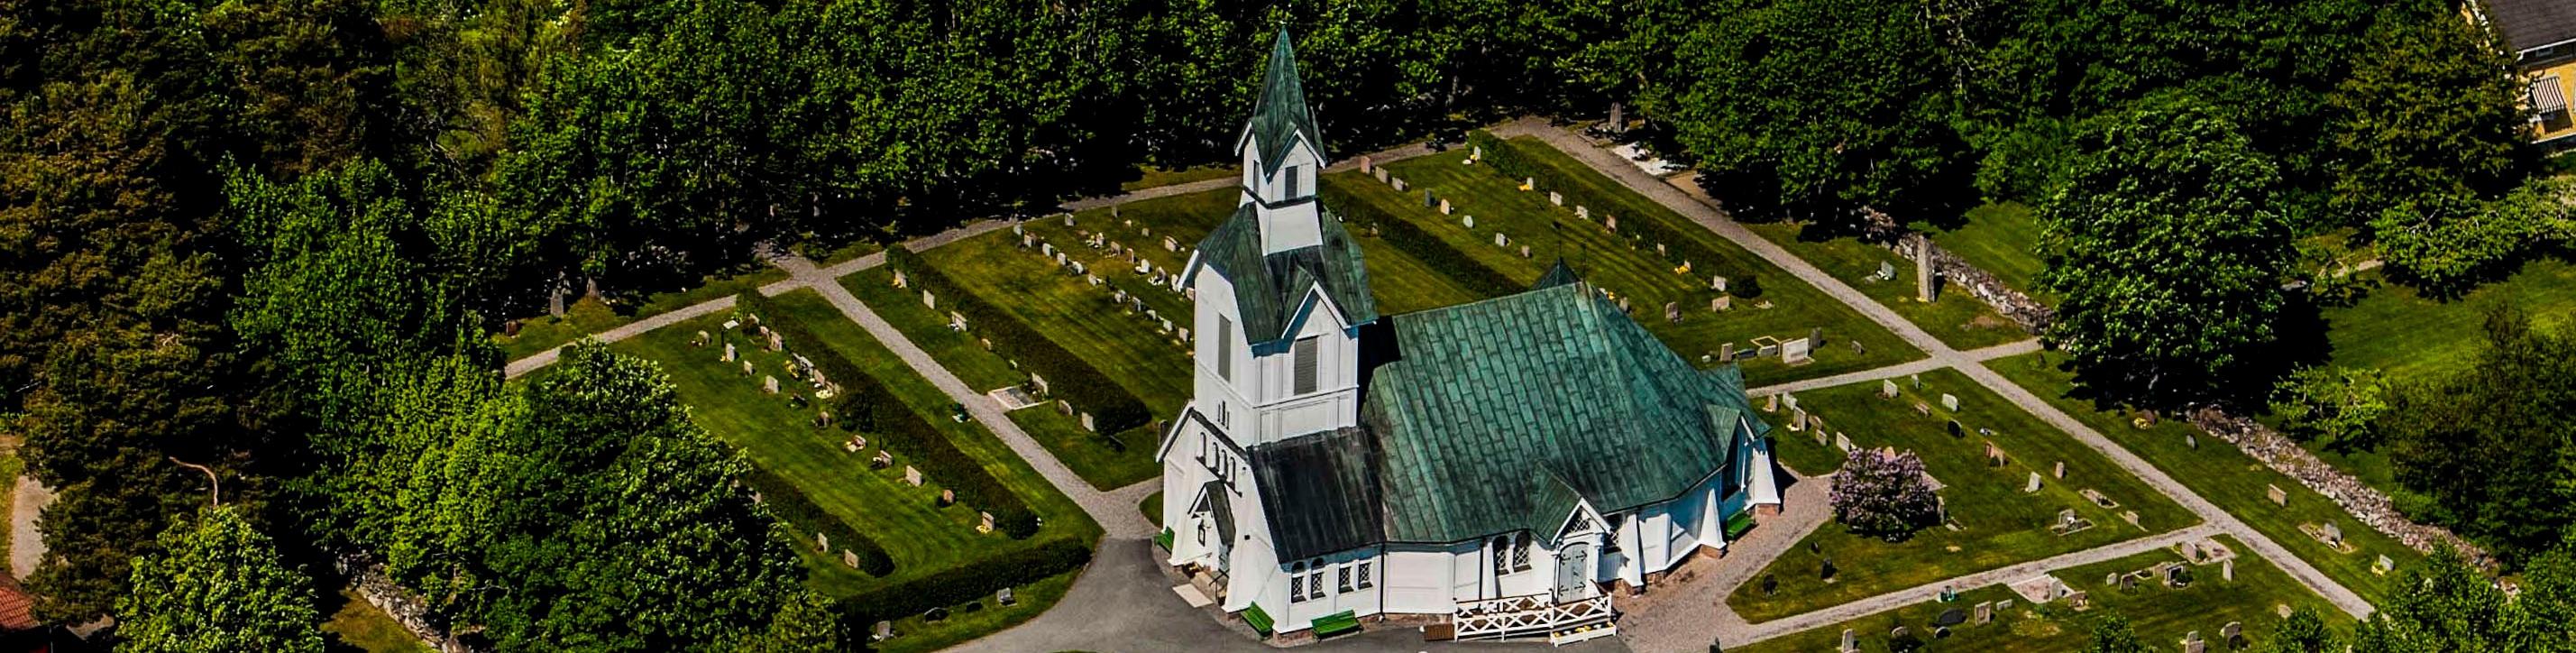 Ljusterö_kyrka_från_luften